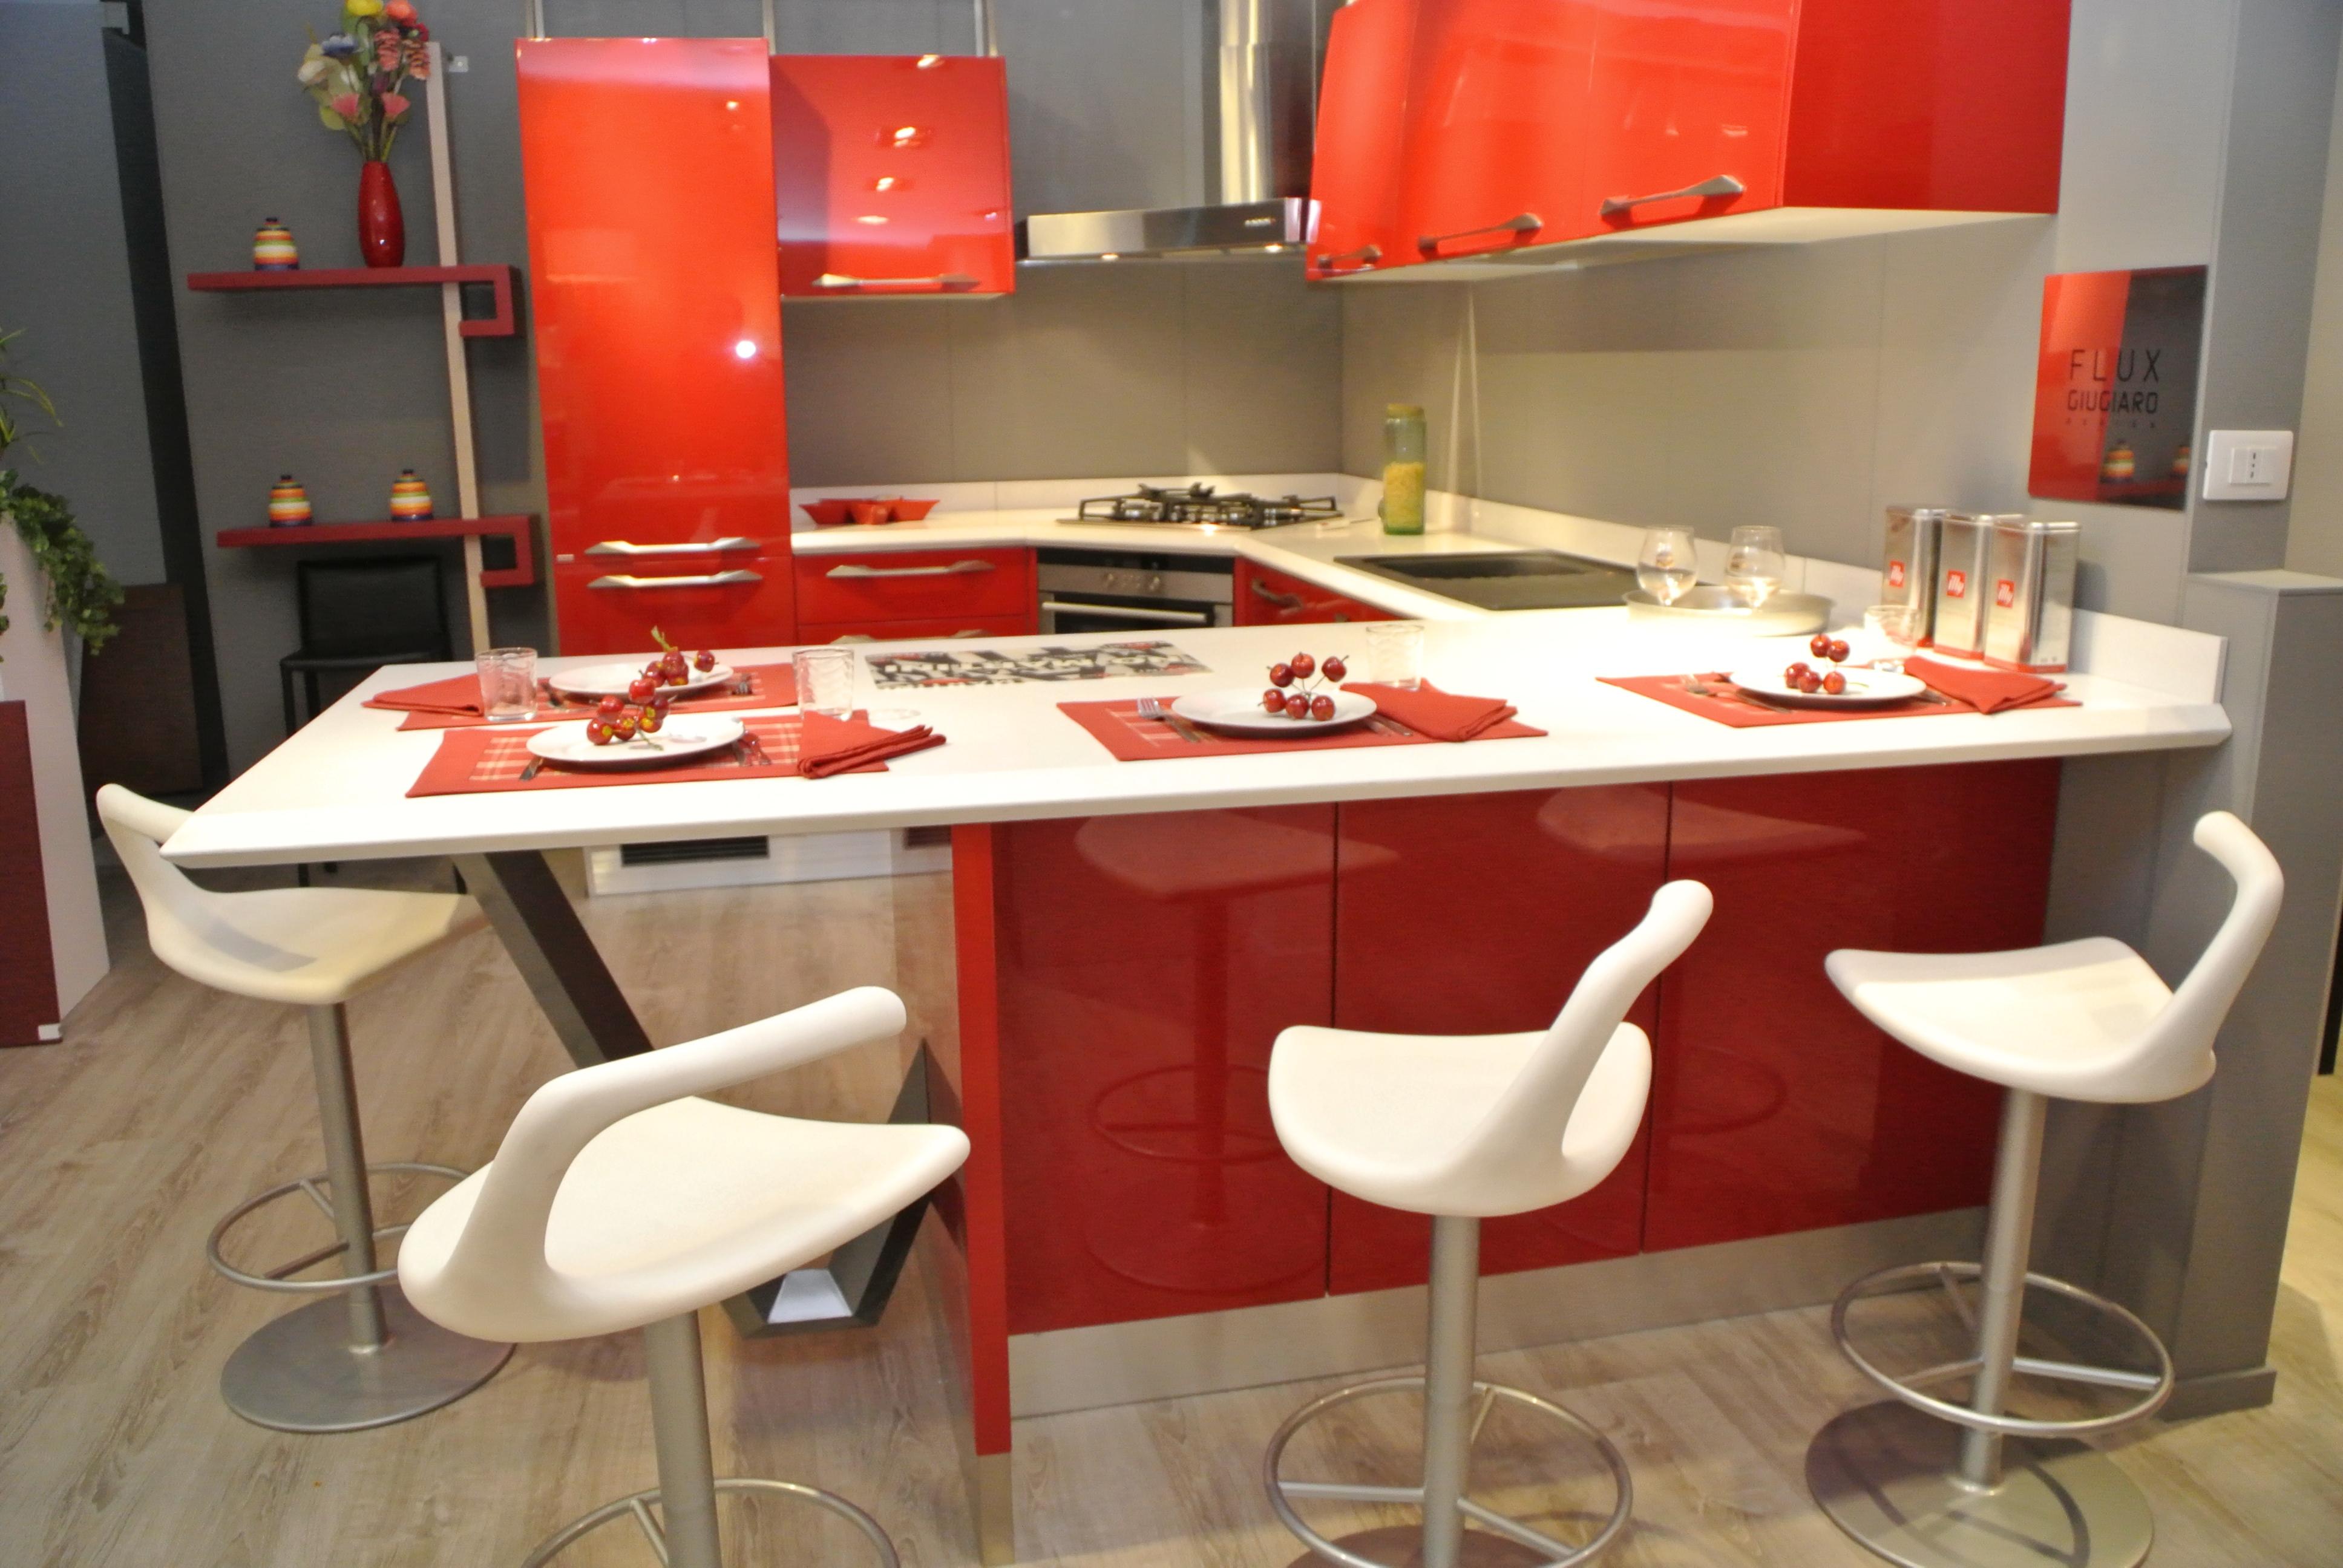 Best Cucina Scavolini Flux Images - Ideas & Design 2017 ...